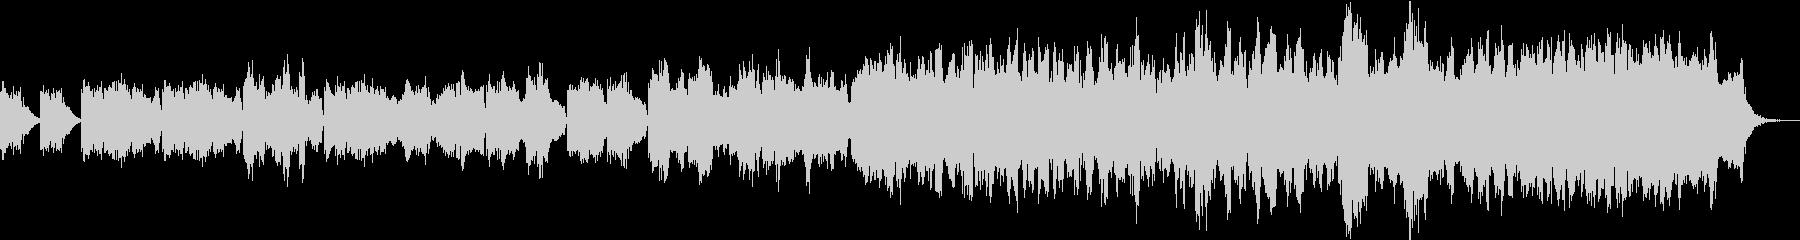 厳かで寂しげなBGM2 ループの未再生の波形